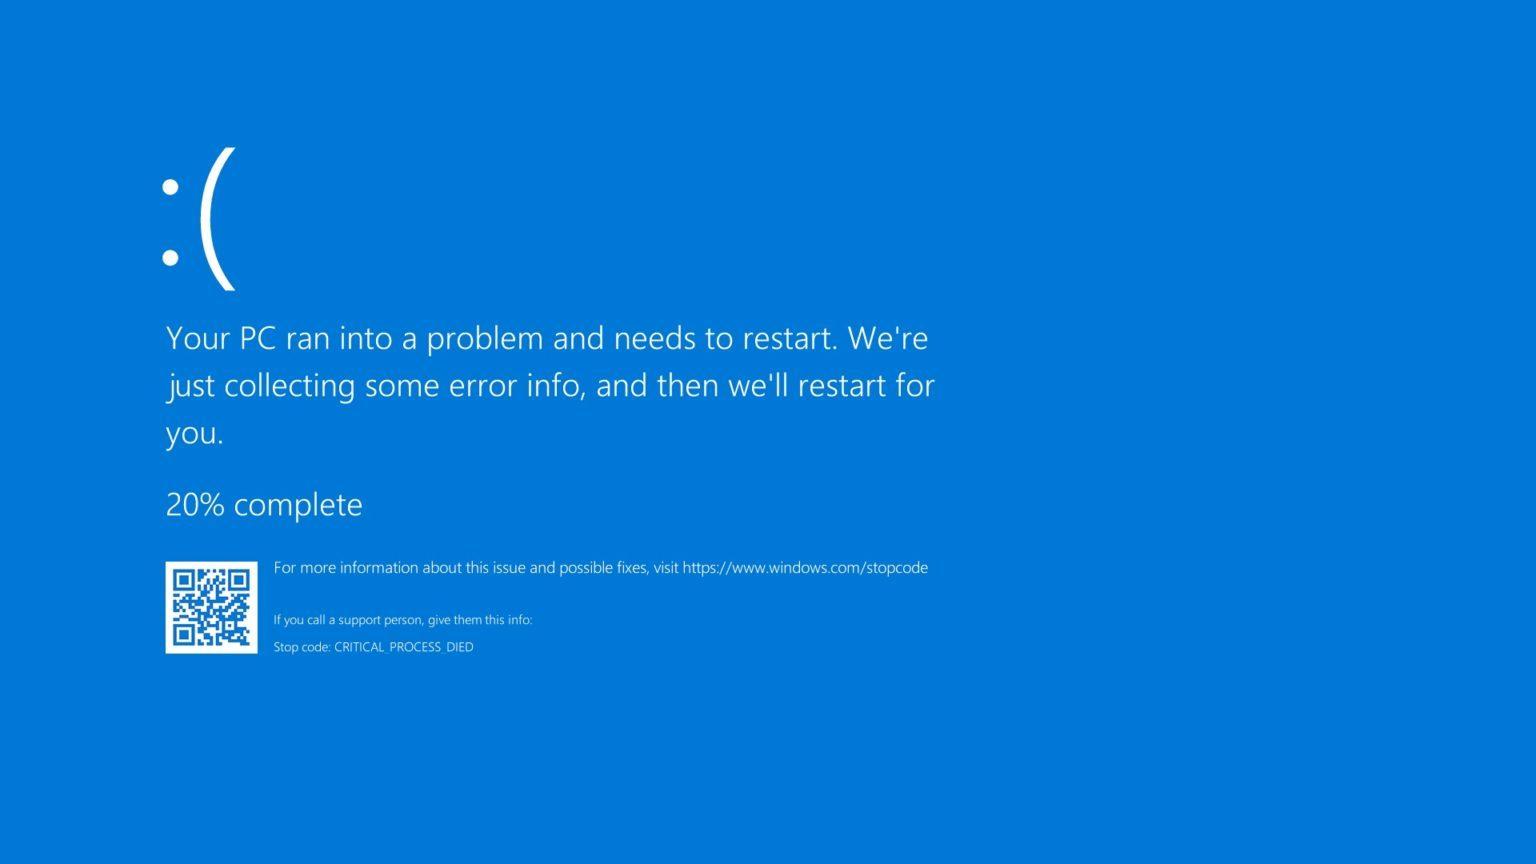 微软已剔除导致Win10蓝屏死机的AMD SCSI适配器驱动